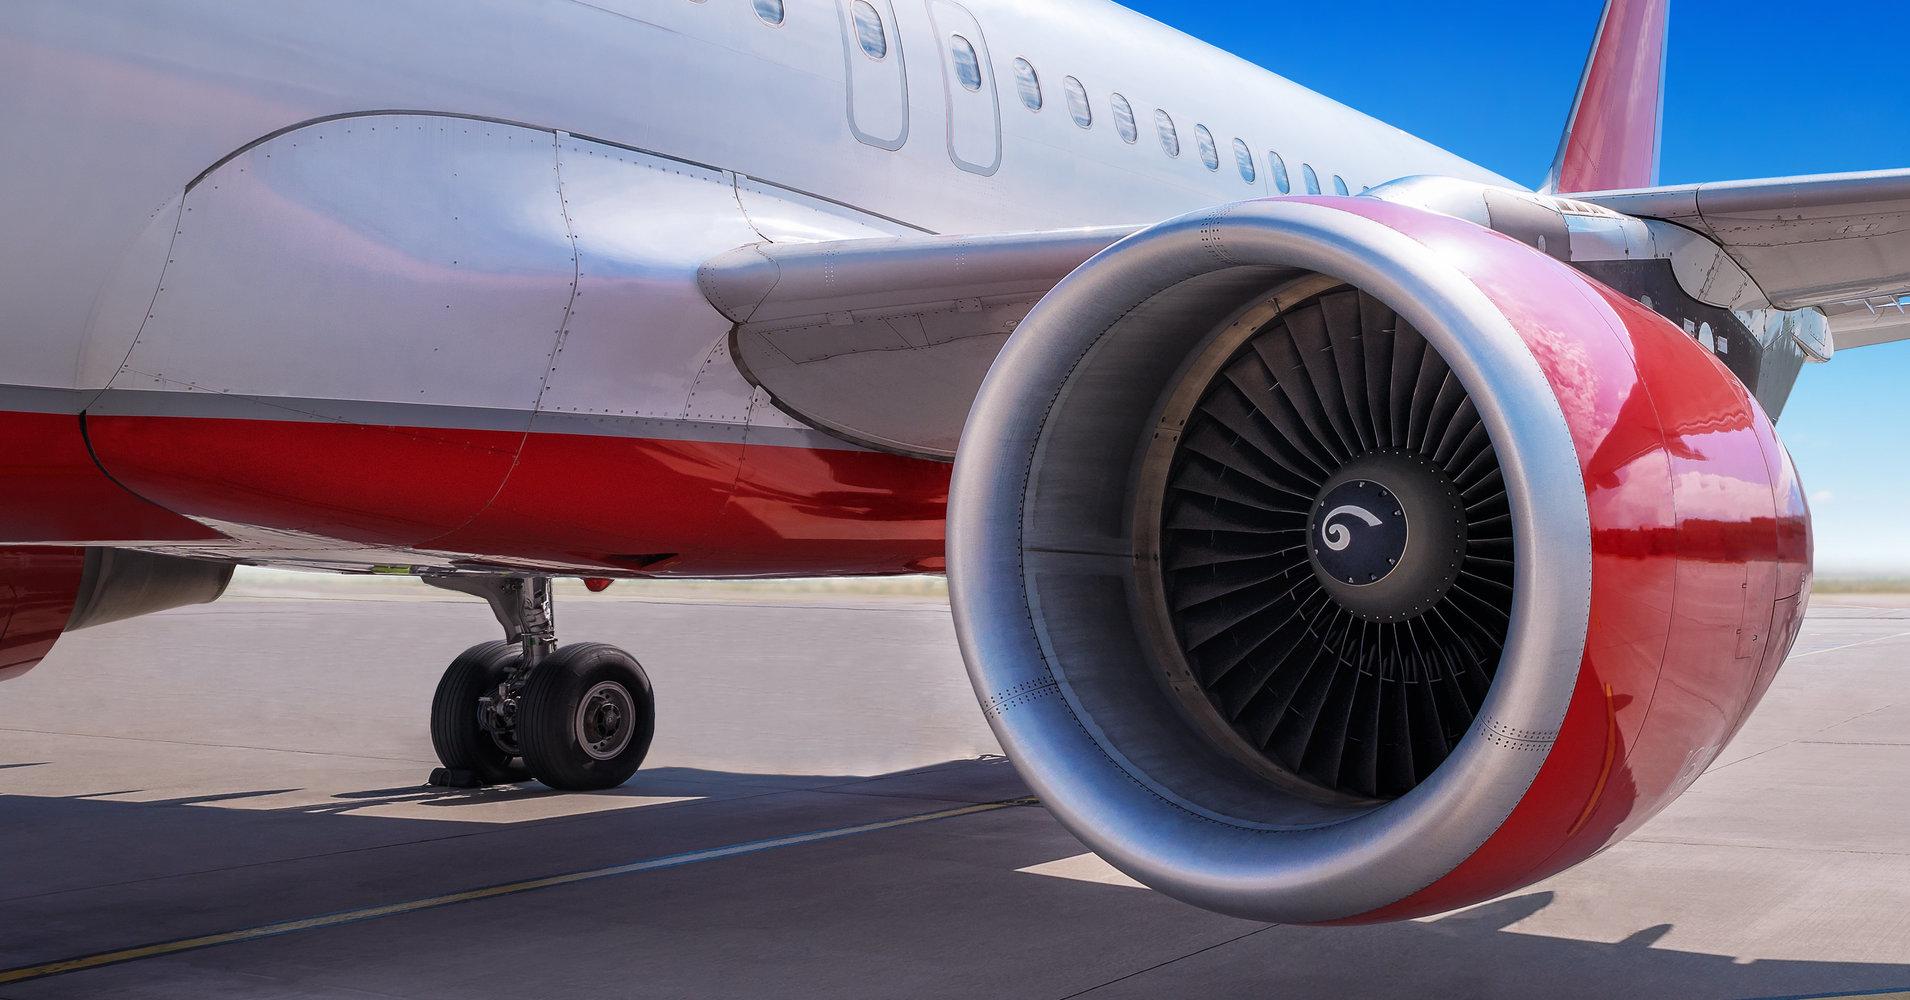 موتور هواپیما از کار بیفتد سقوط می کند؟